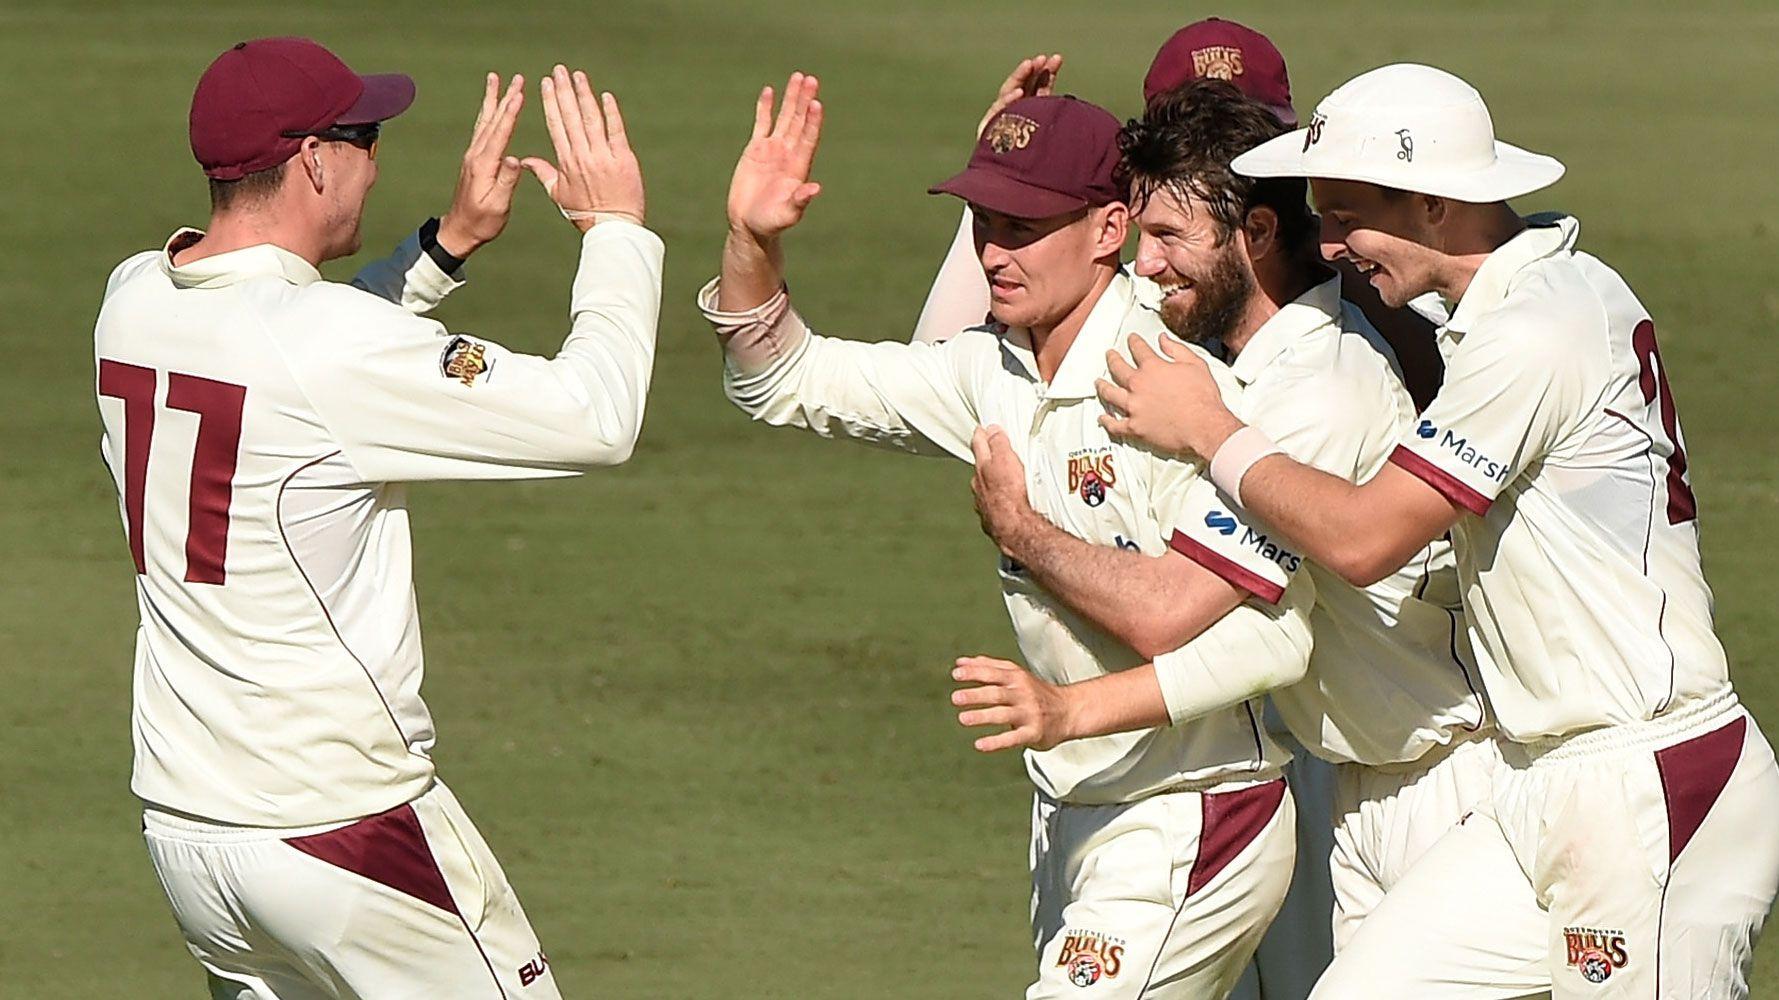 Queensland players celebrate a screamer of a catch from Marnus Labuschagne.